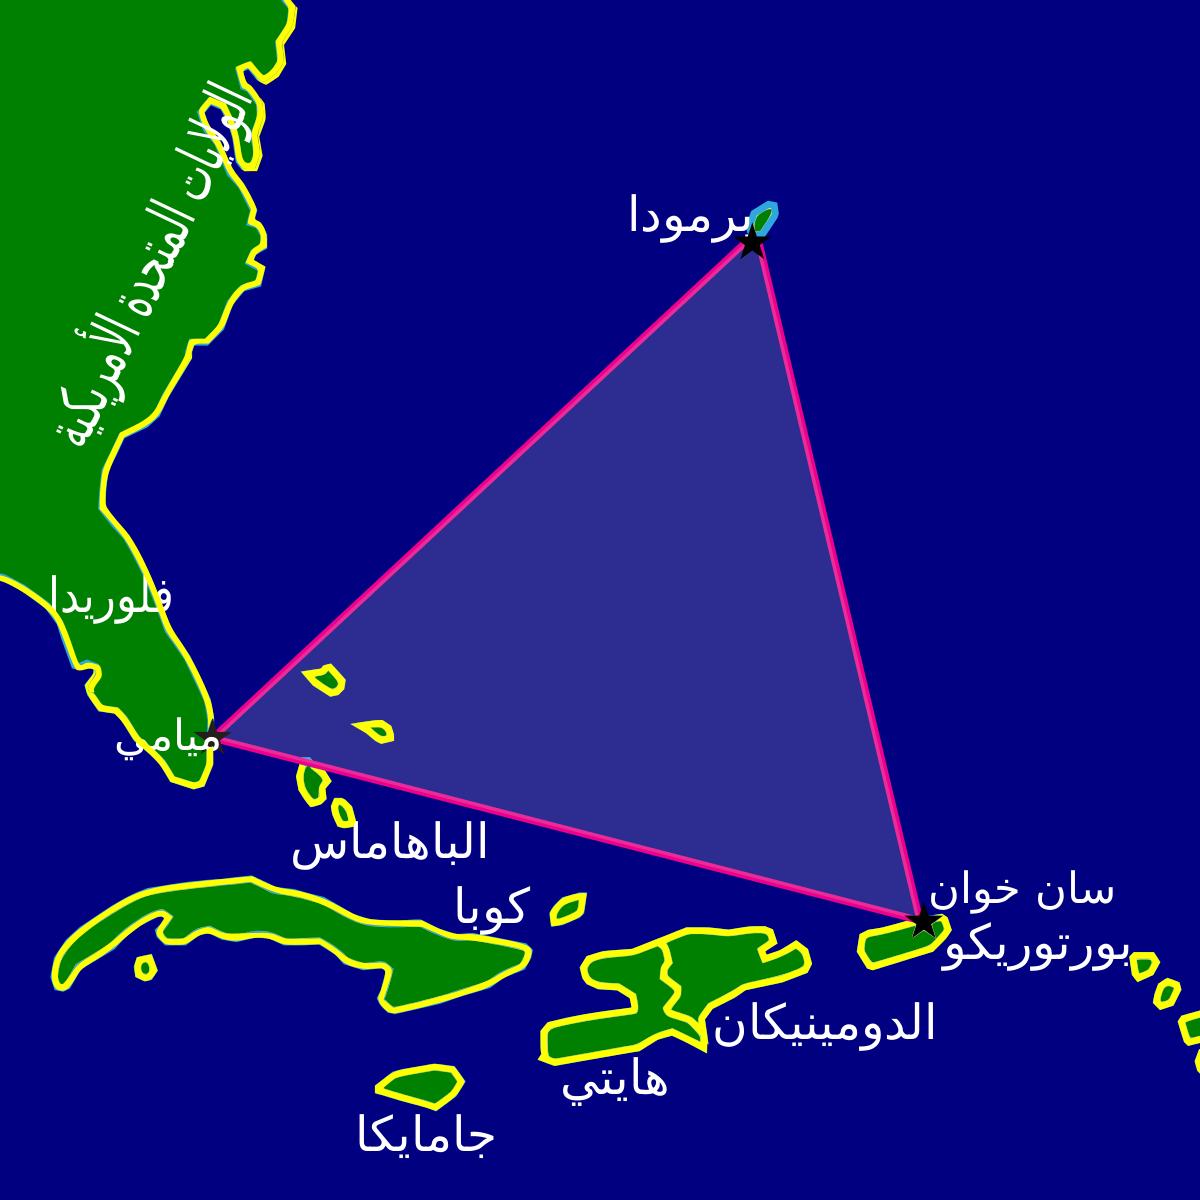 بالصور حقيقة مثلث برمودا , مثلث برموده بين الواقع و الخيال 1811